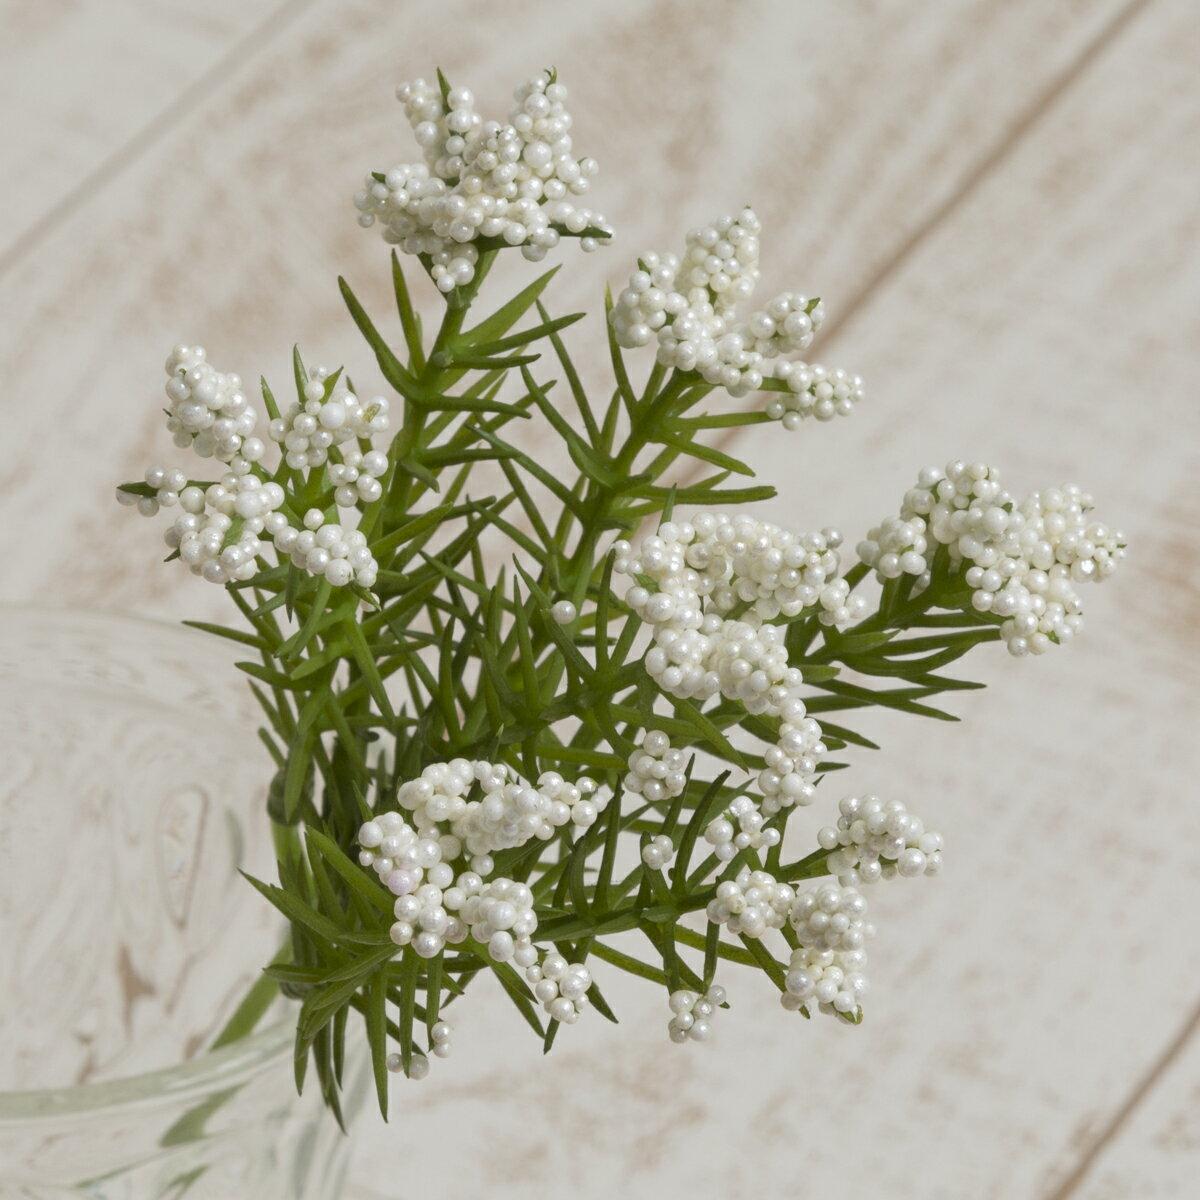 即日 【造花】YDM/ライスフラワーピック クリーム/FG4619-CR《造花(アーティフィシャルフラワー) 造花 「ら行」 ライスフラワー》